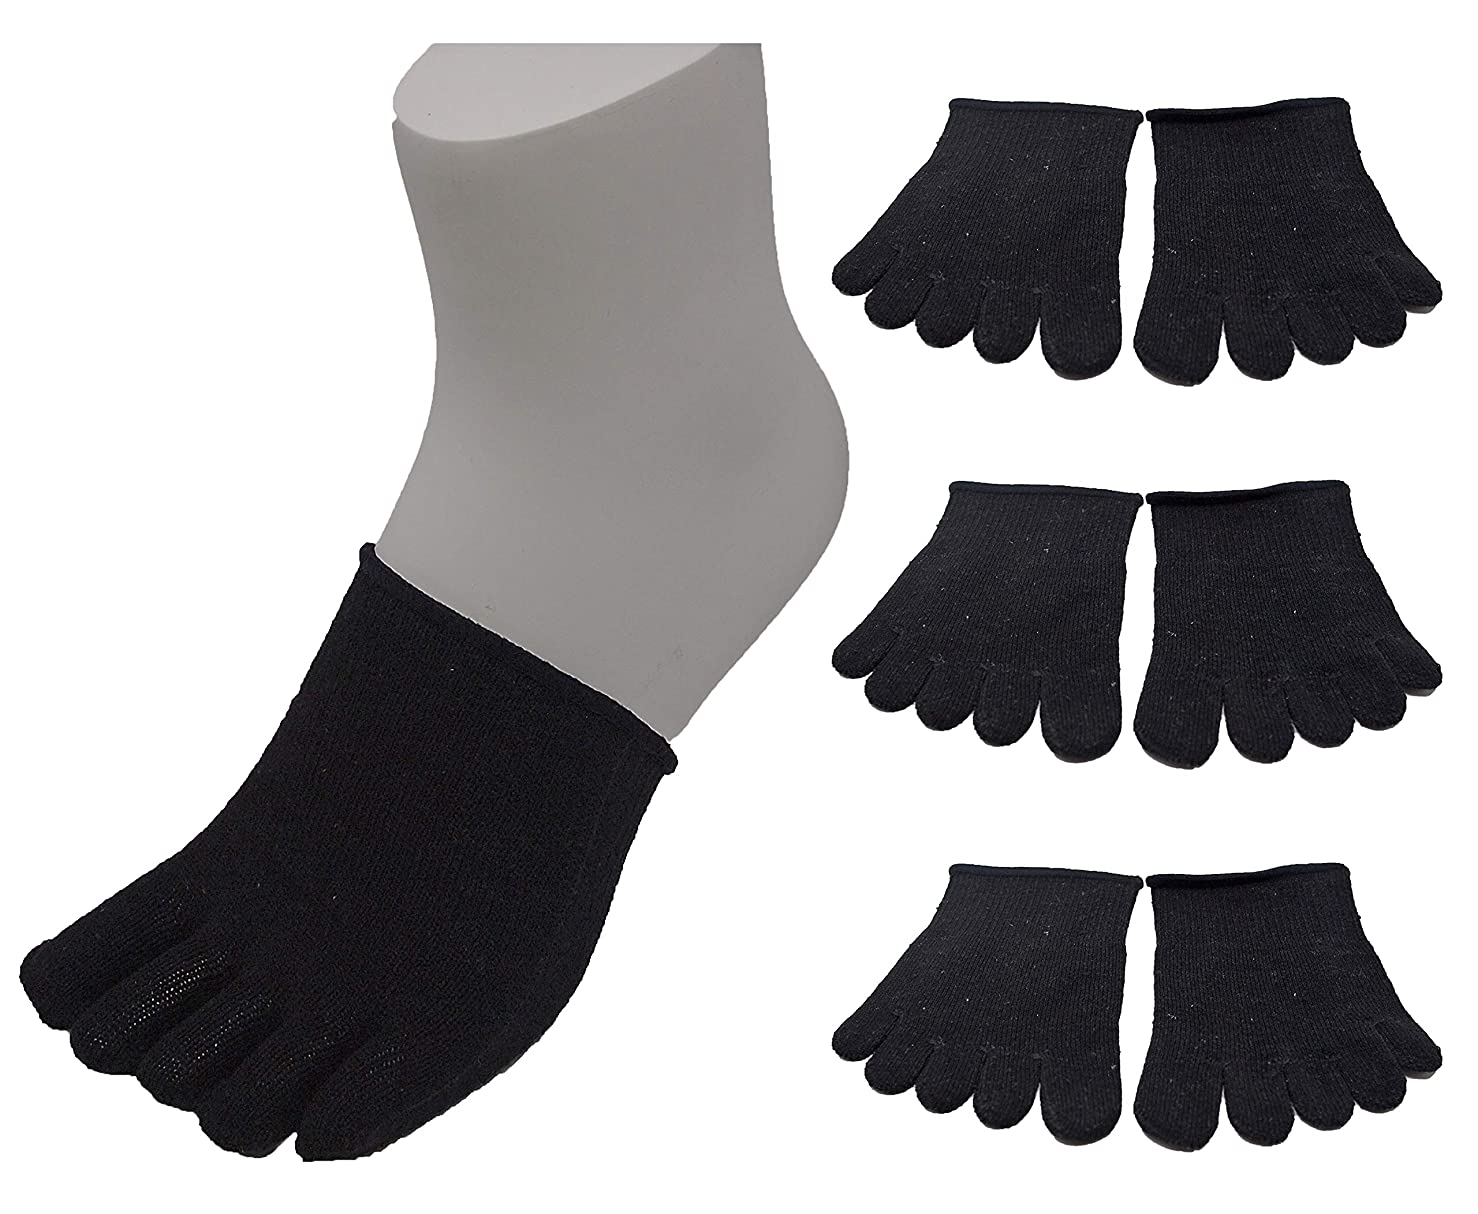 クッション章ケニアUSK STORE シルク 5本指ハーフソックス 3足セット 重ね履き 冷え取り 天然素材 男女兼用 22-27cm (黒)